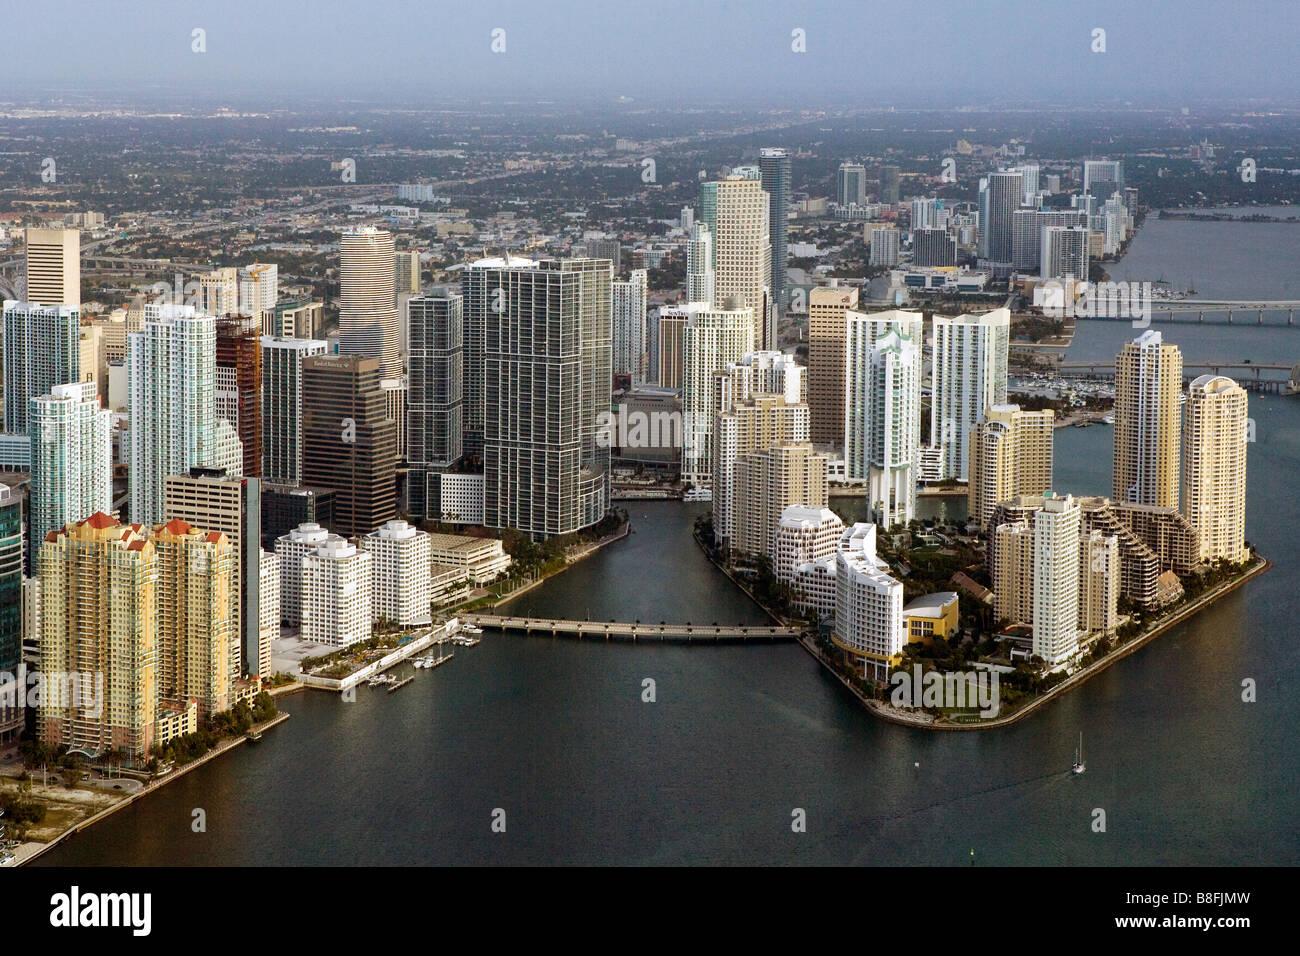 Vue aérienne au-dessus du centre-ville de Miami en Floride Photo Stock